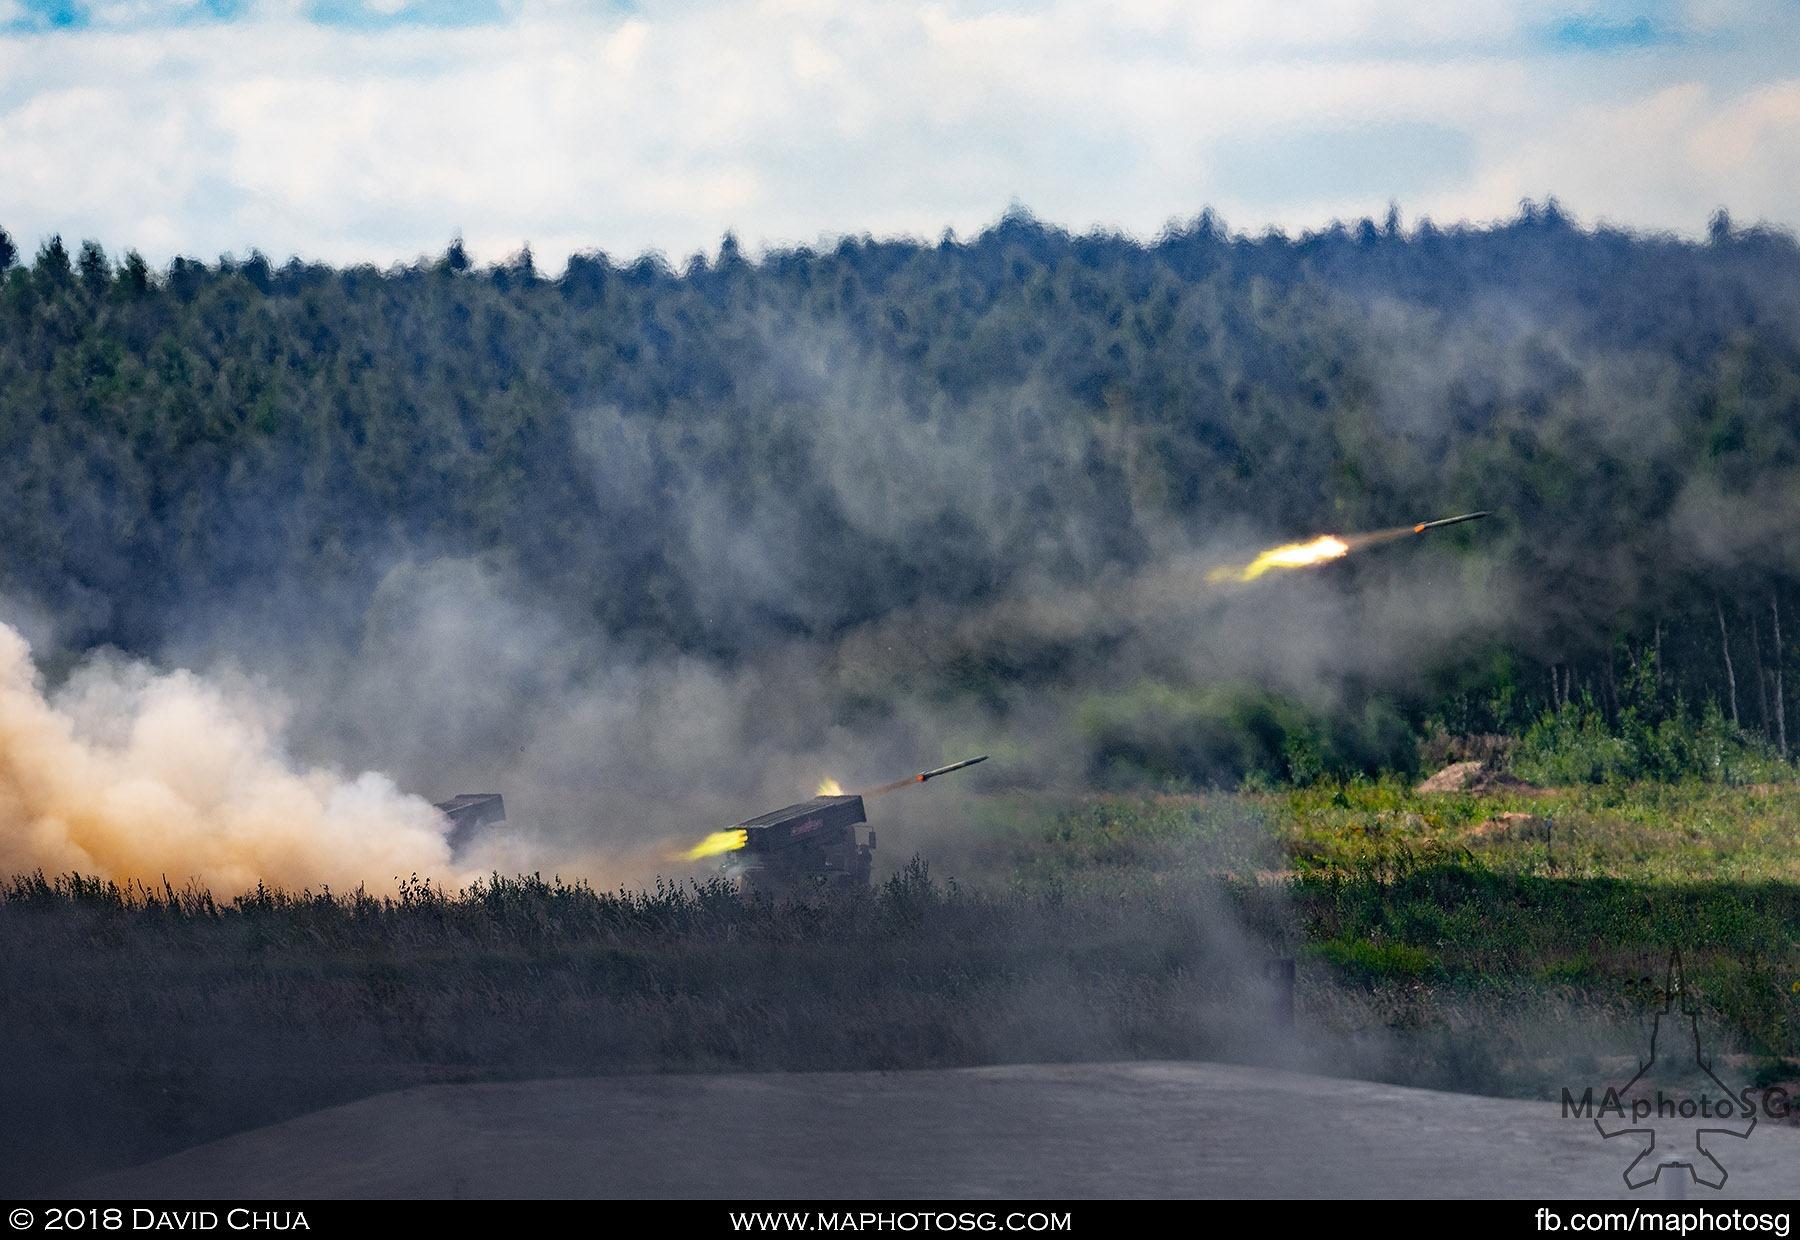 11. 9A52-4 'Tornado-G' 122/220 mm MLRS firing a salvo